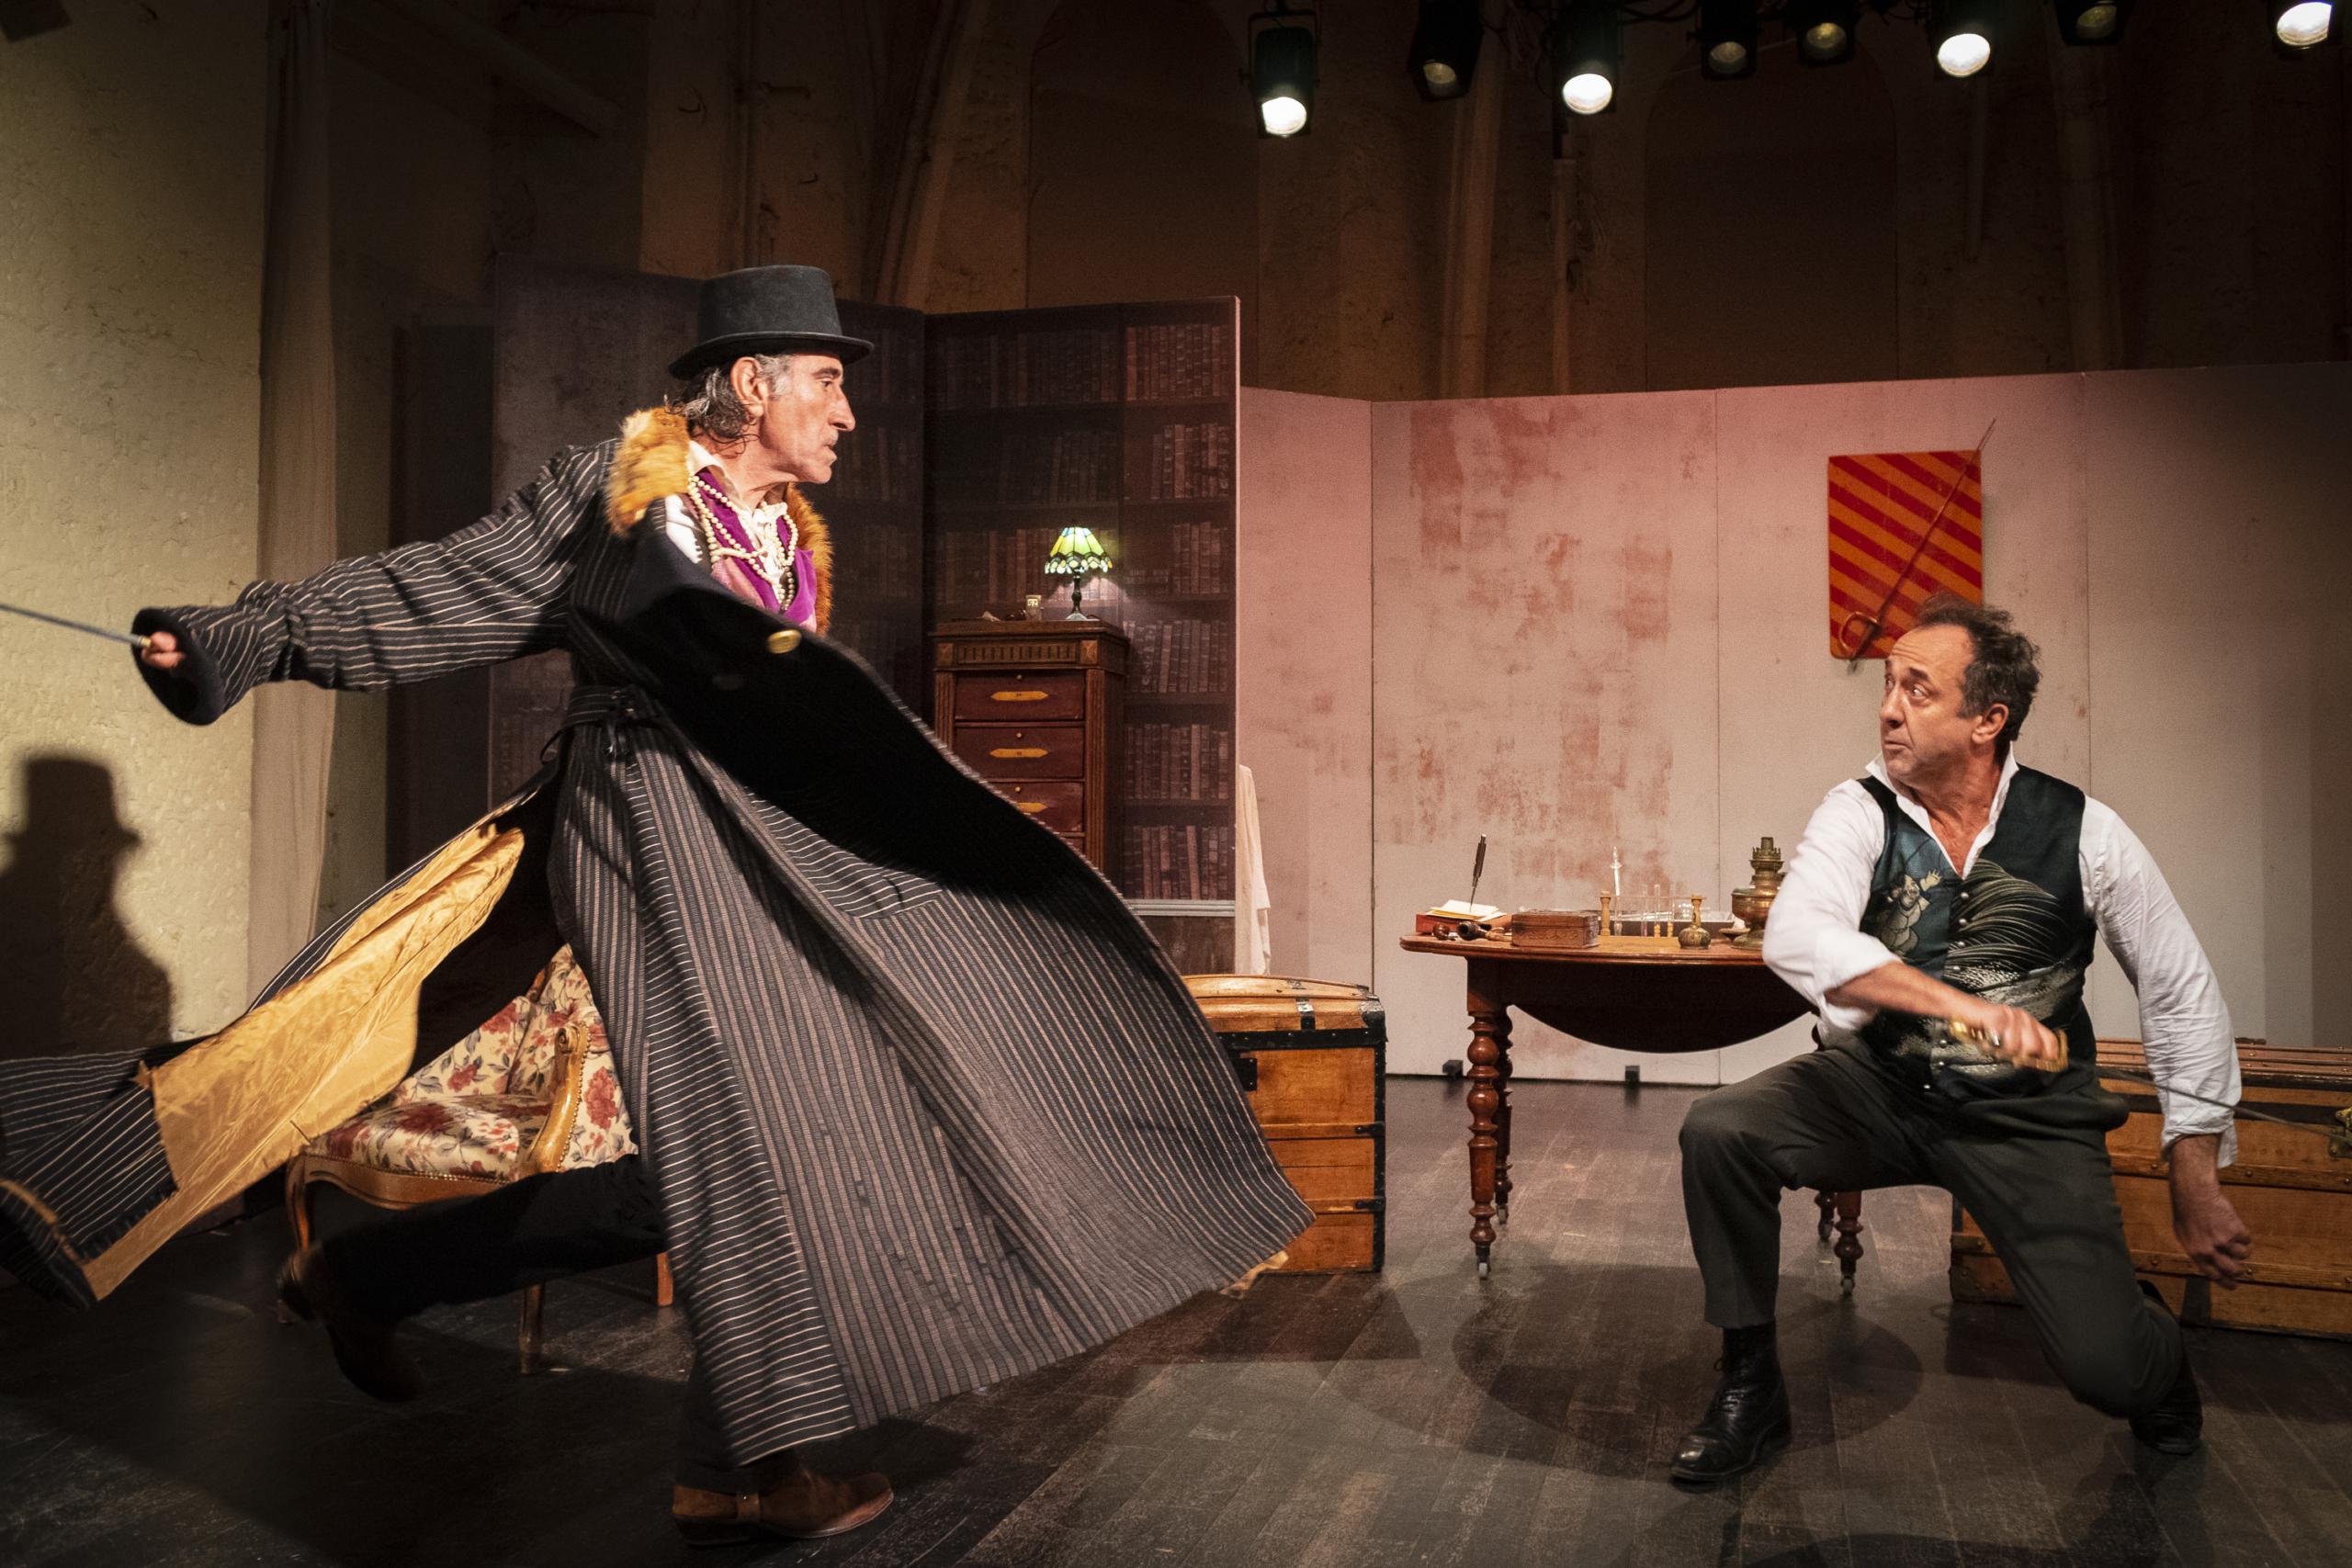 Le secret de Sherlock Holmes, de Joueur Productions, sera joué le 19 décembre 2020 à l'Archipel